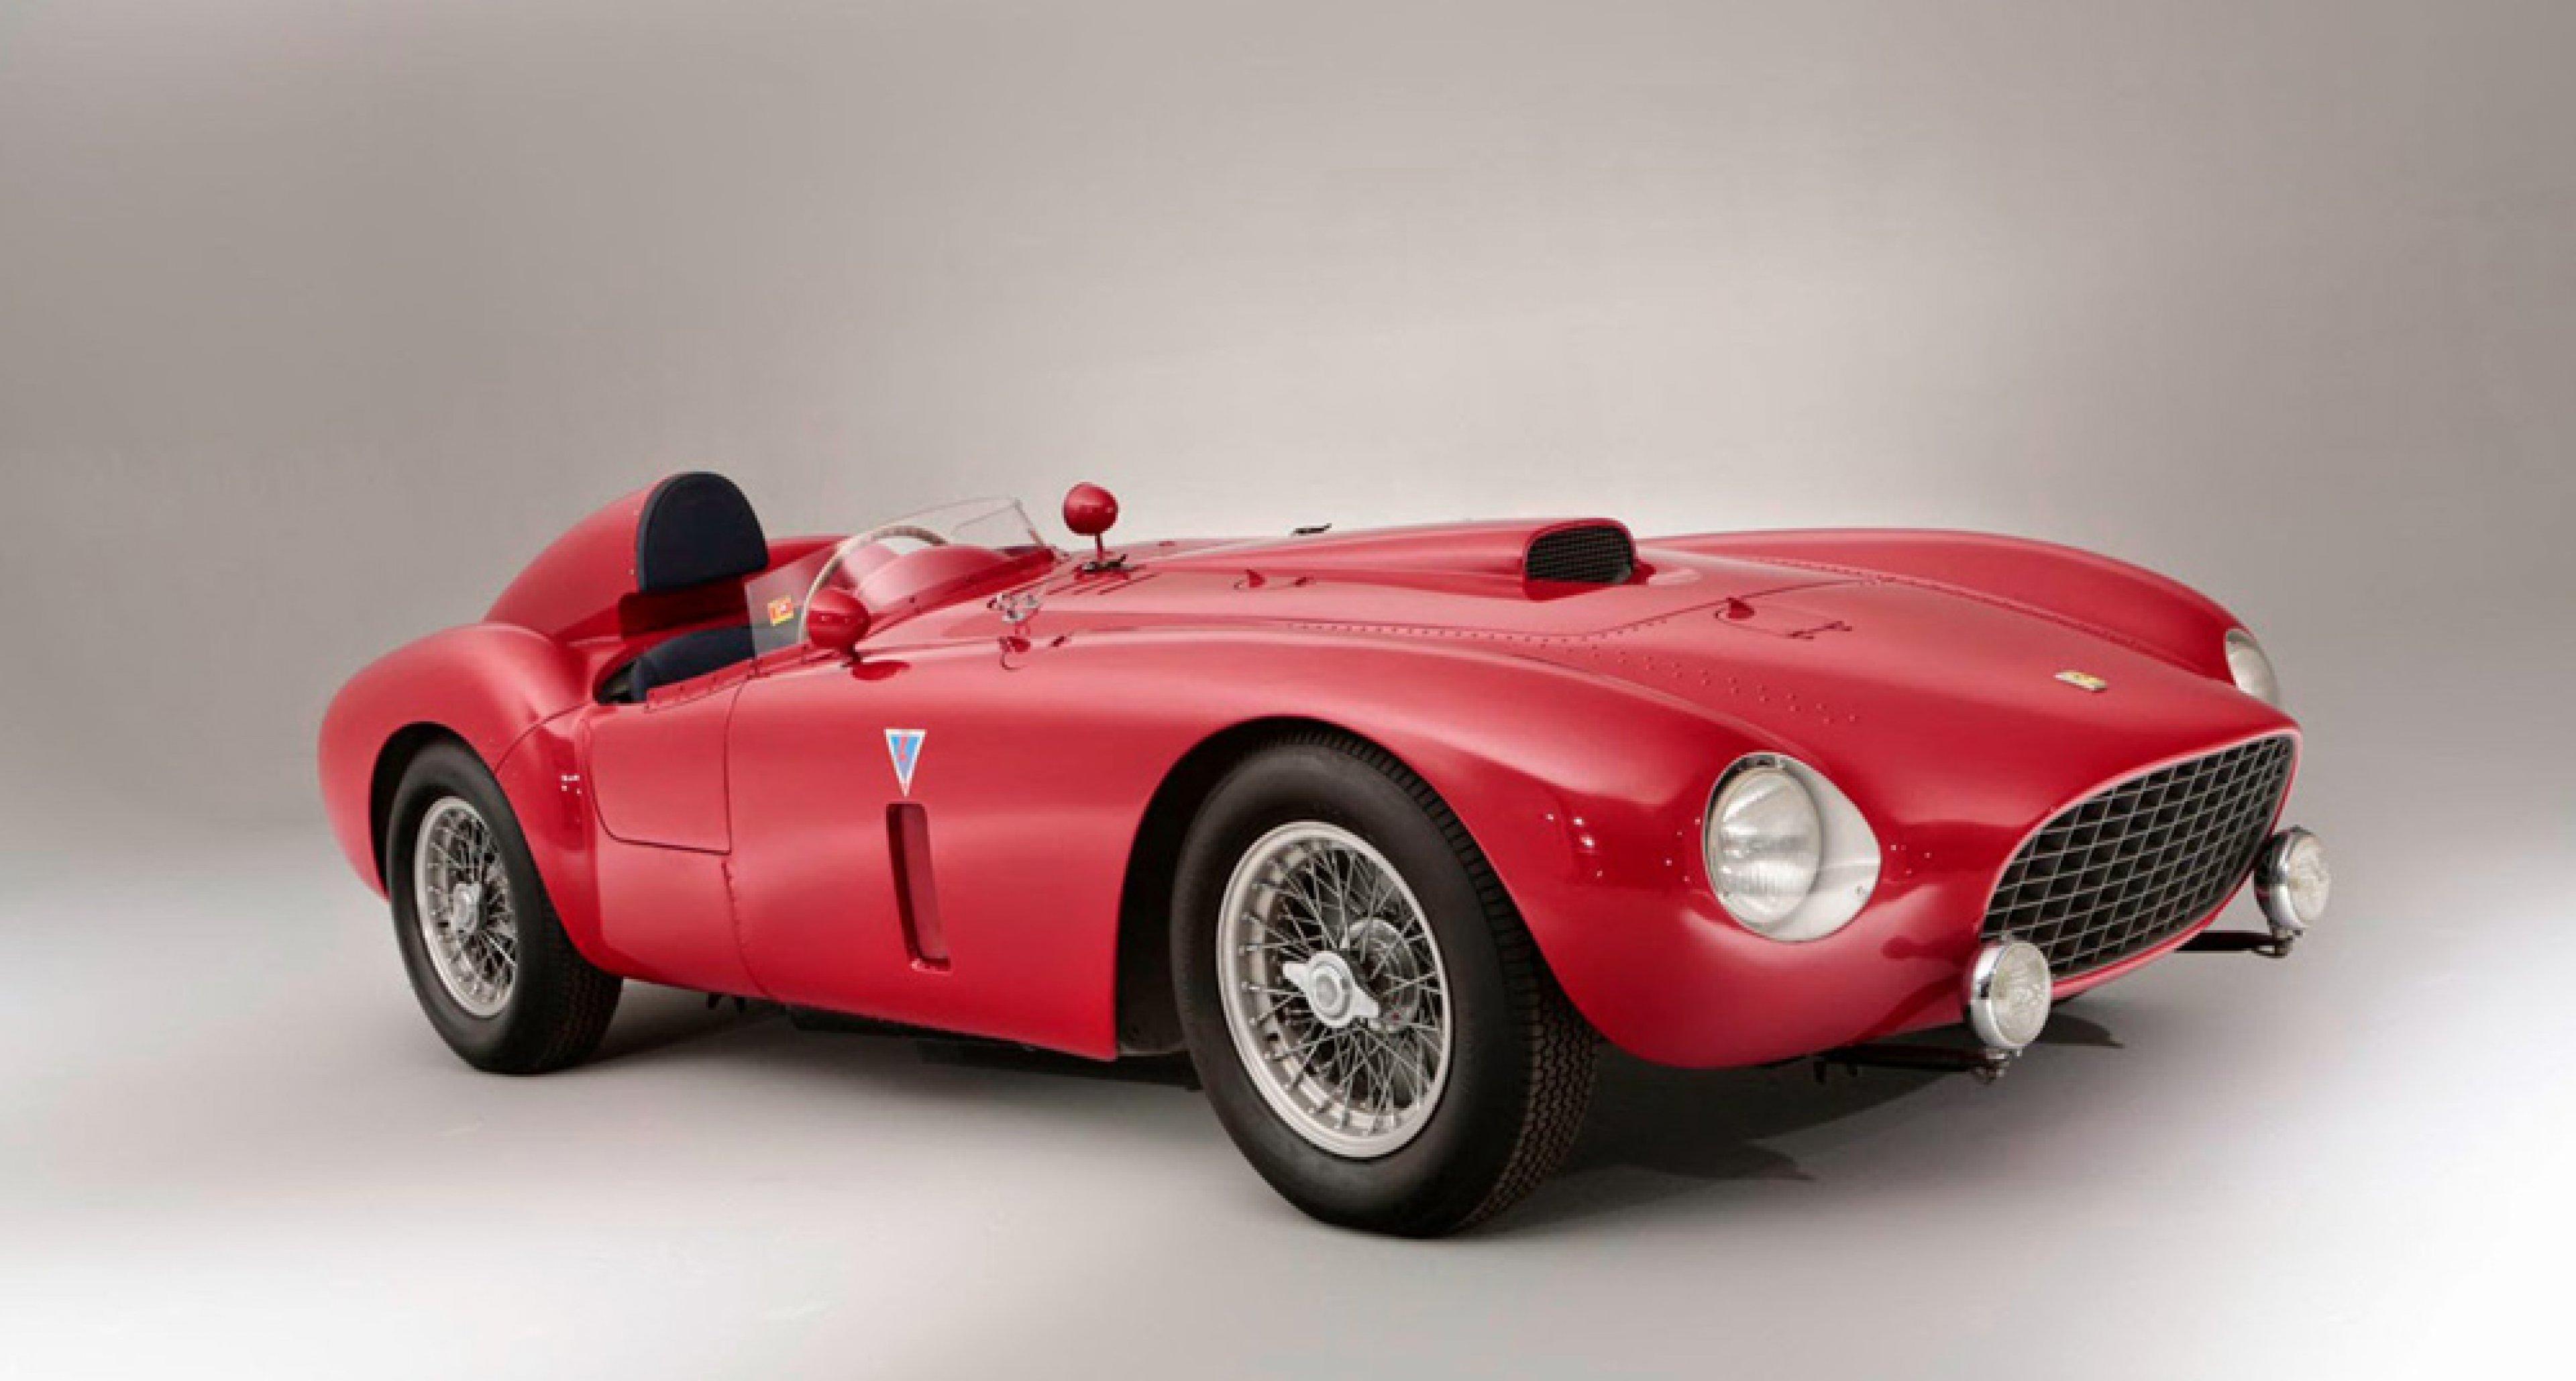 1954 Ferrari 375-Plus Spider Competizione, sold by Bonhams in June 2014 for $ 18,400,177.